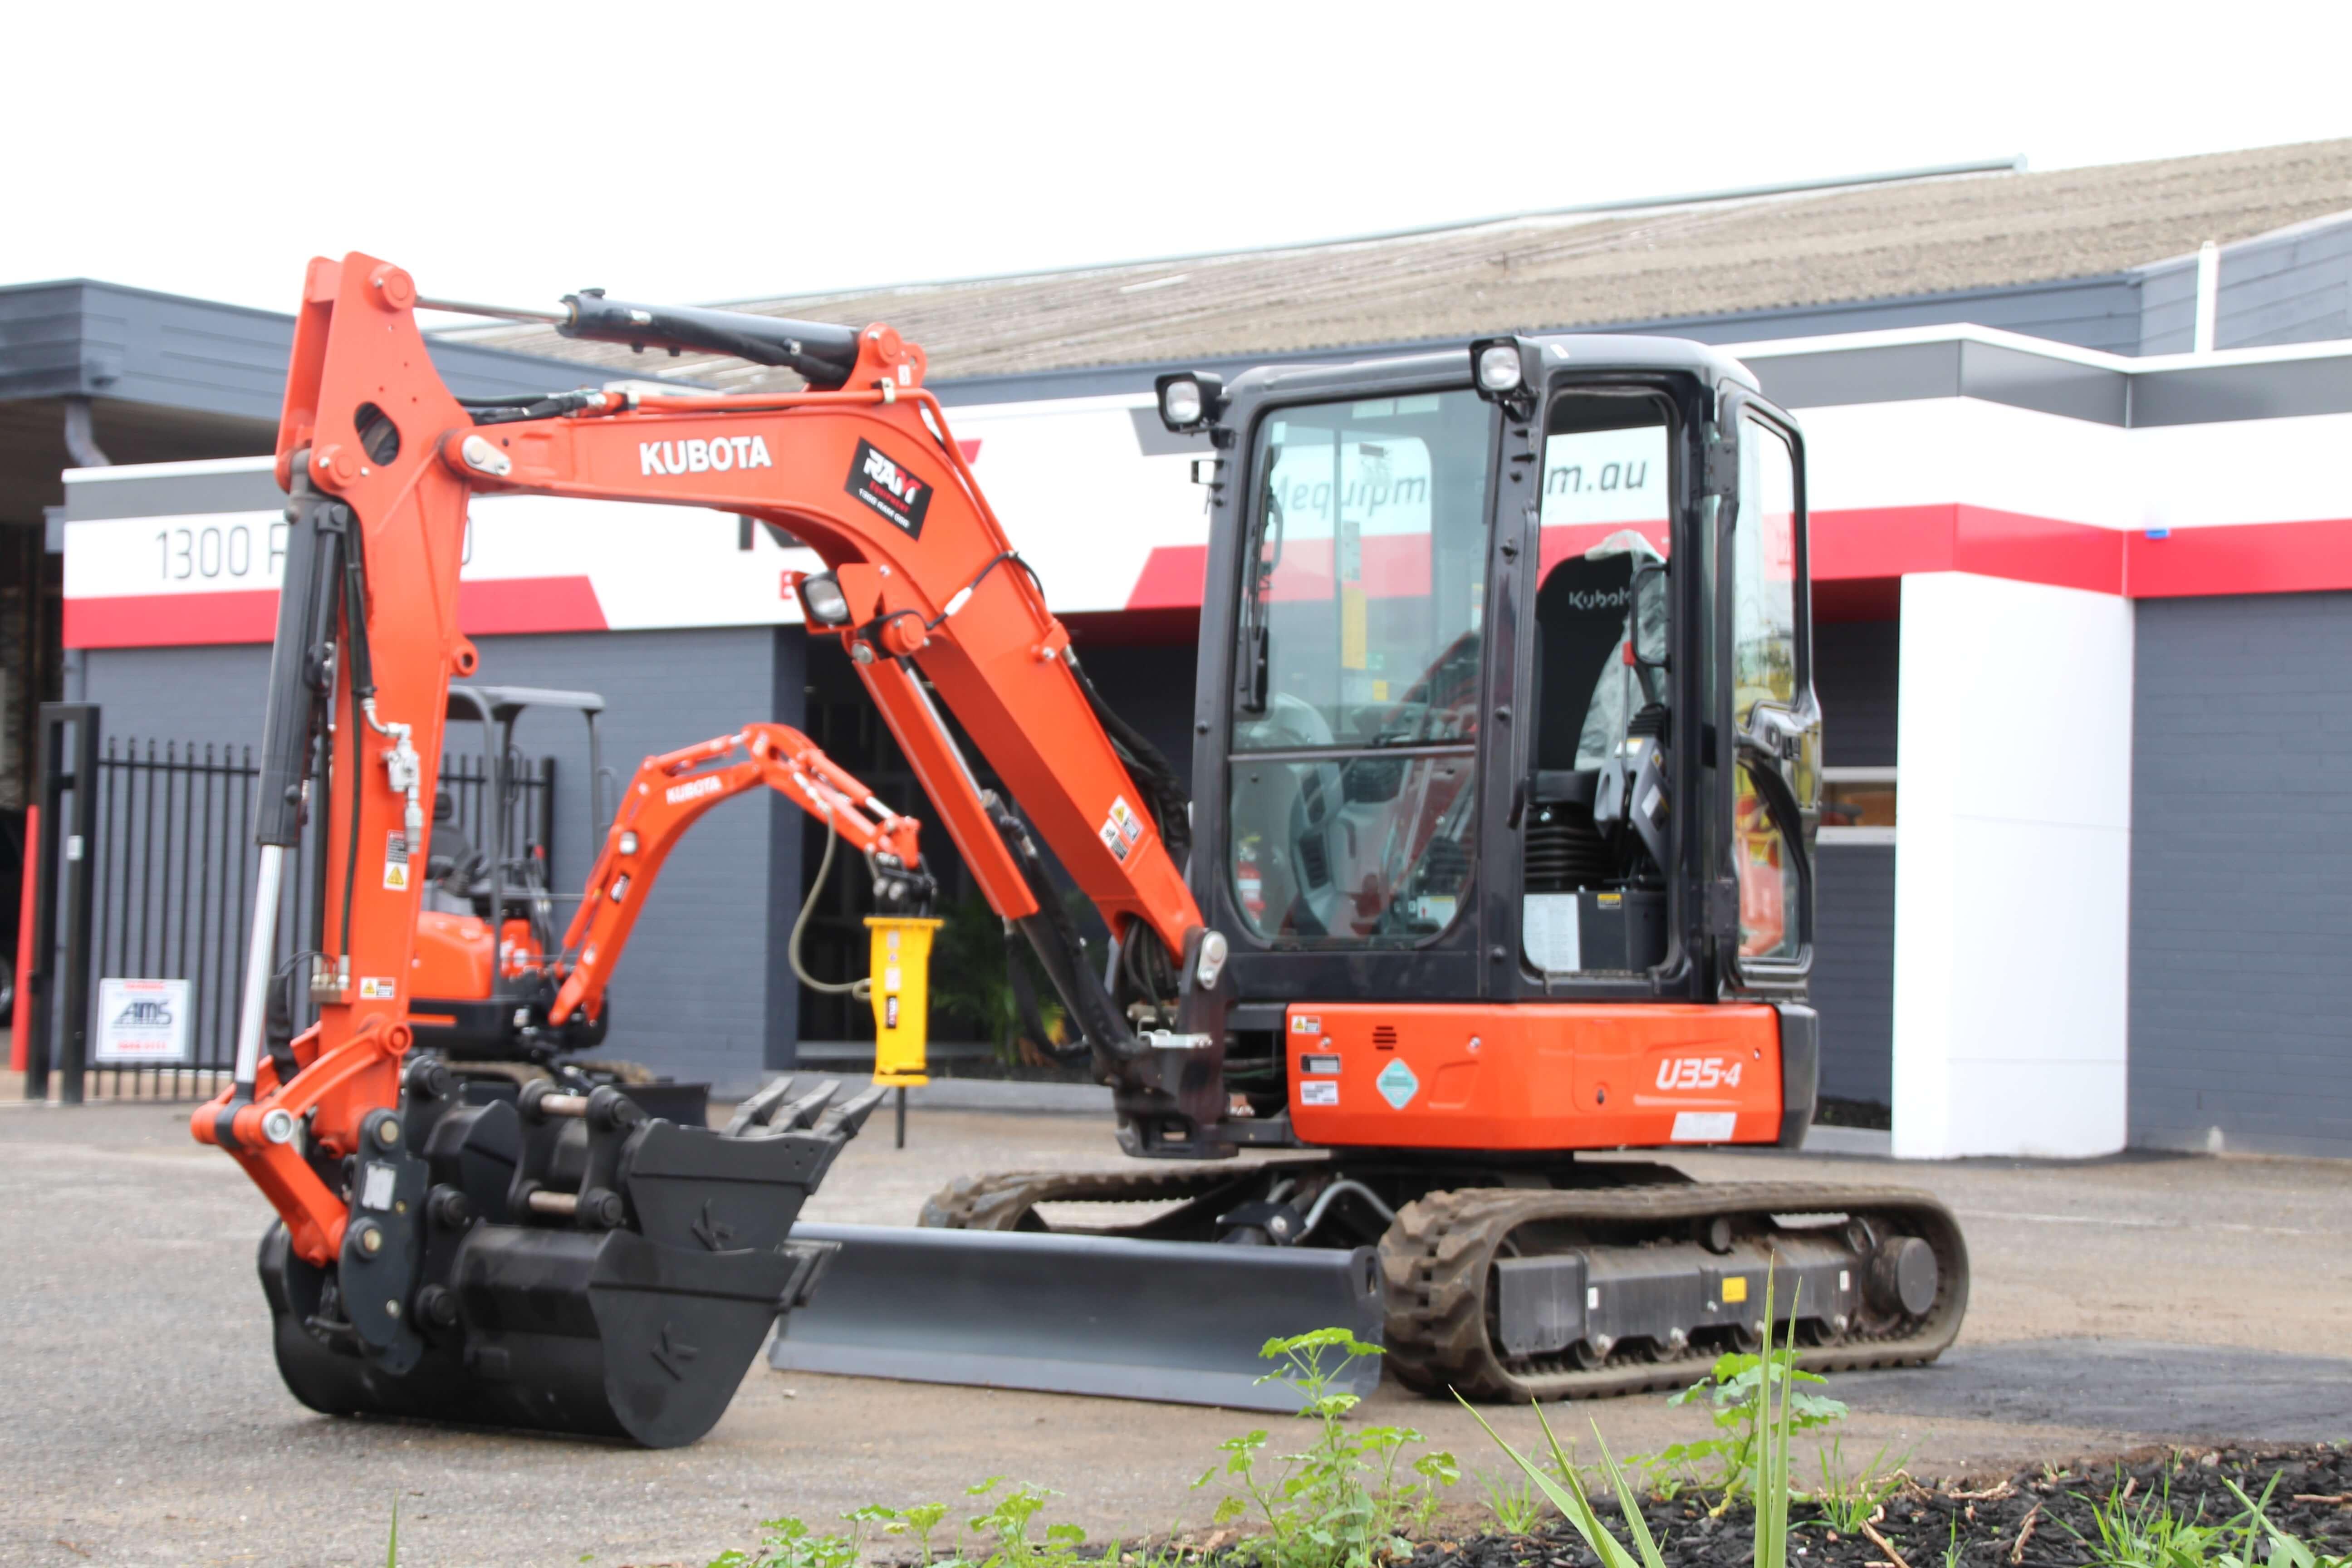 Equipment Focus Kubota U35 4 Excavator